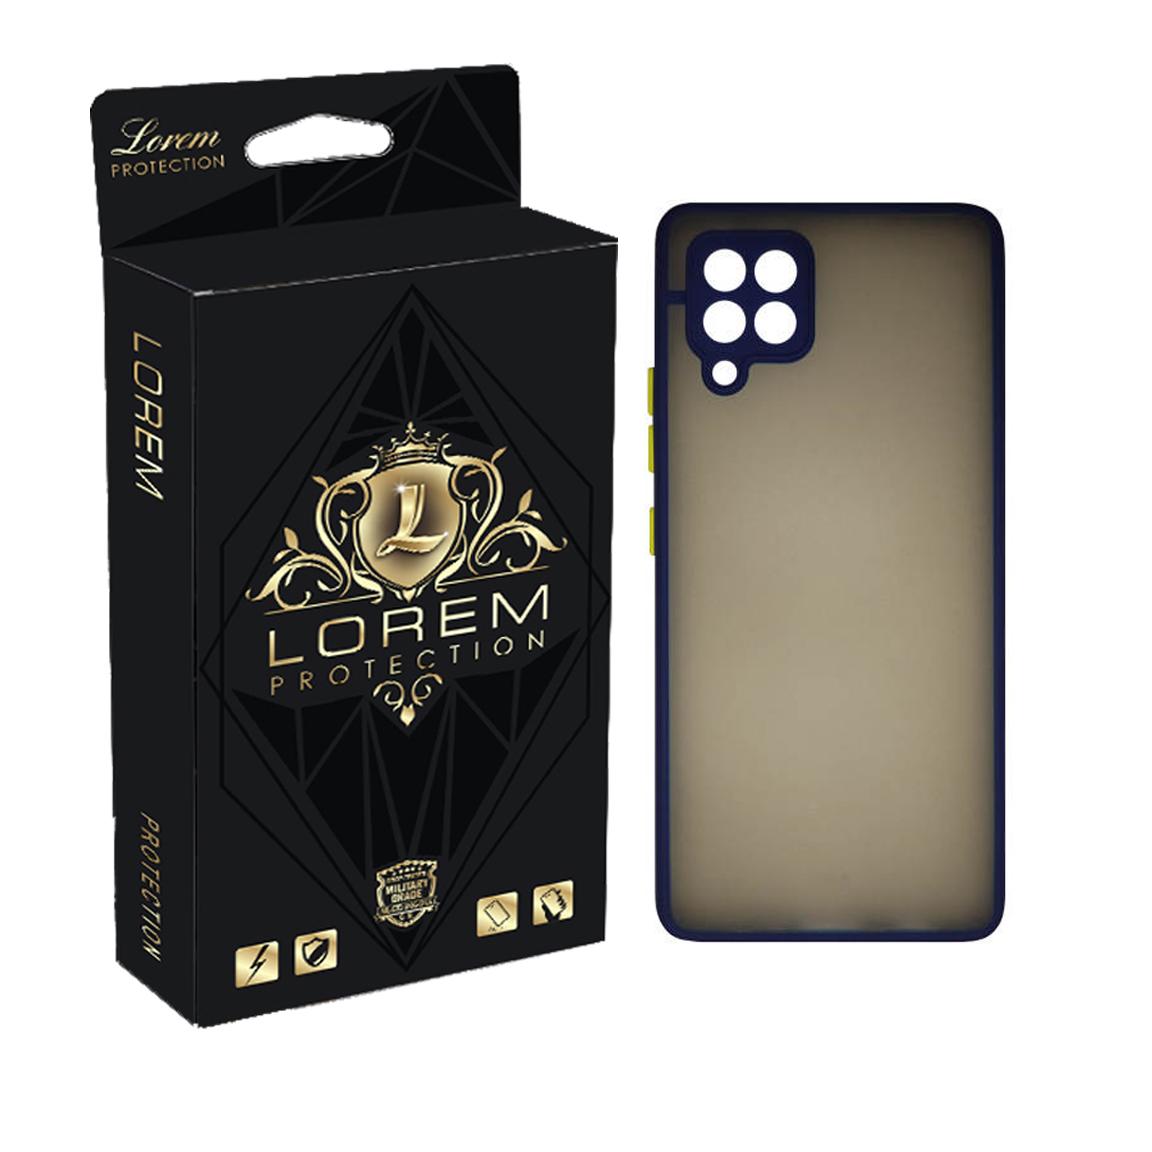 کاور لورم مدل Pm01 مناسب برای گوشی موبایل سامسونگ Galaxy A42